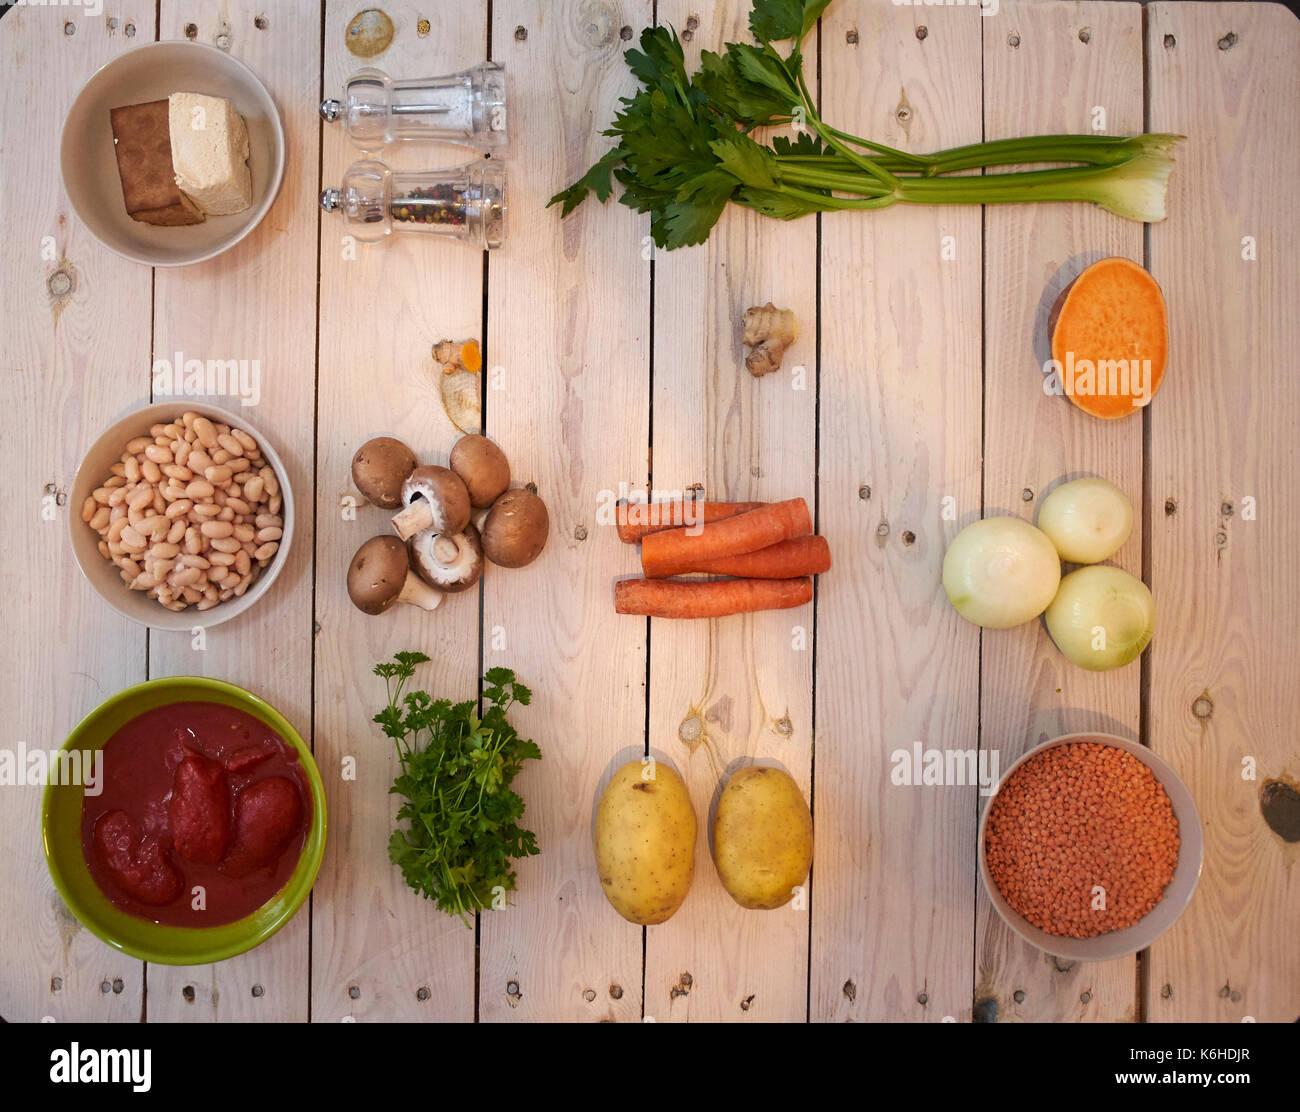 Les légumes et le tofu comptait sur une table préparée pour la cuisine un plat végétalien Photo Stock